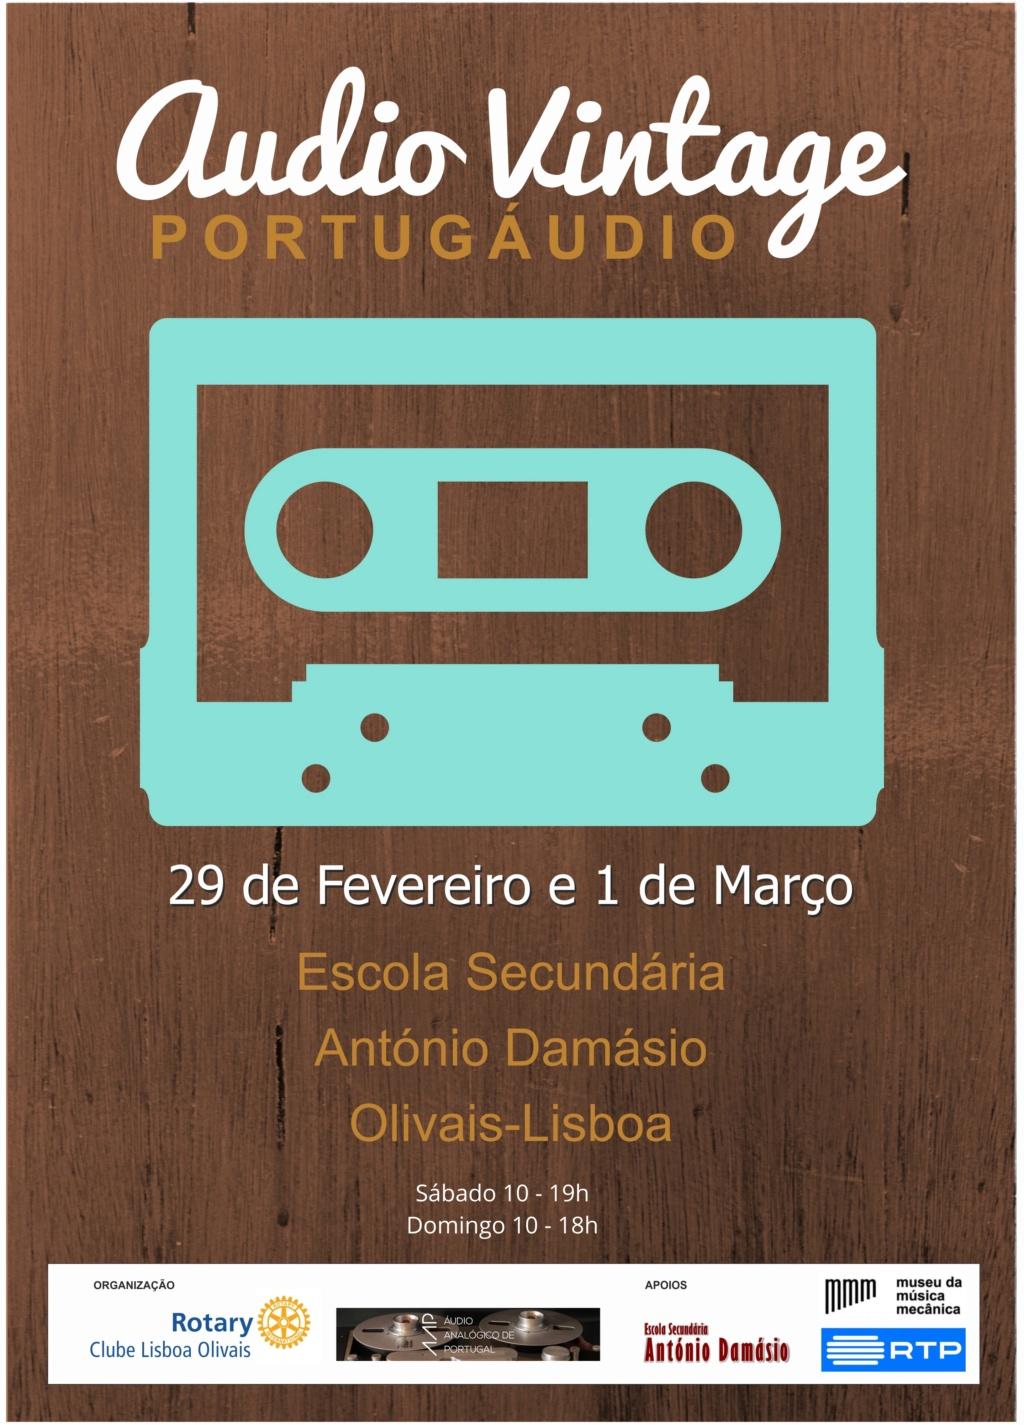 Audio Vintage / Portugaudio 2020 - 3.ª Edição. - Página 2 Img_5410